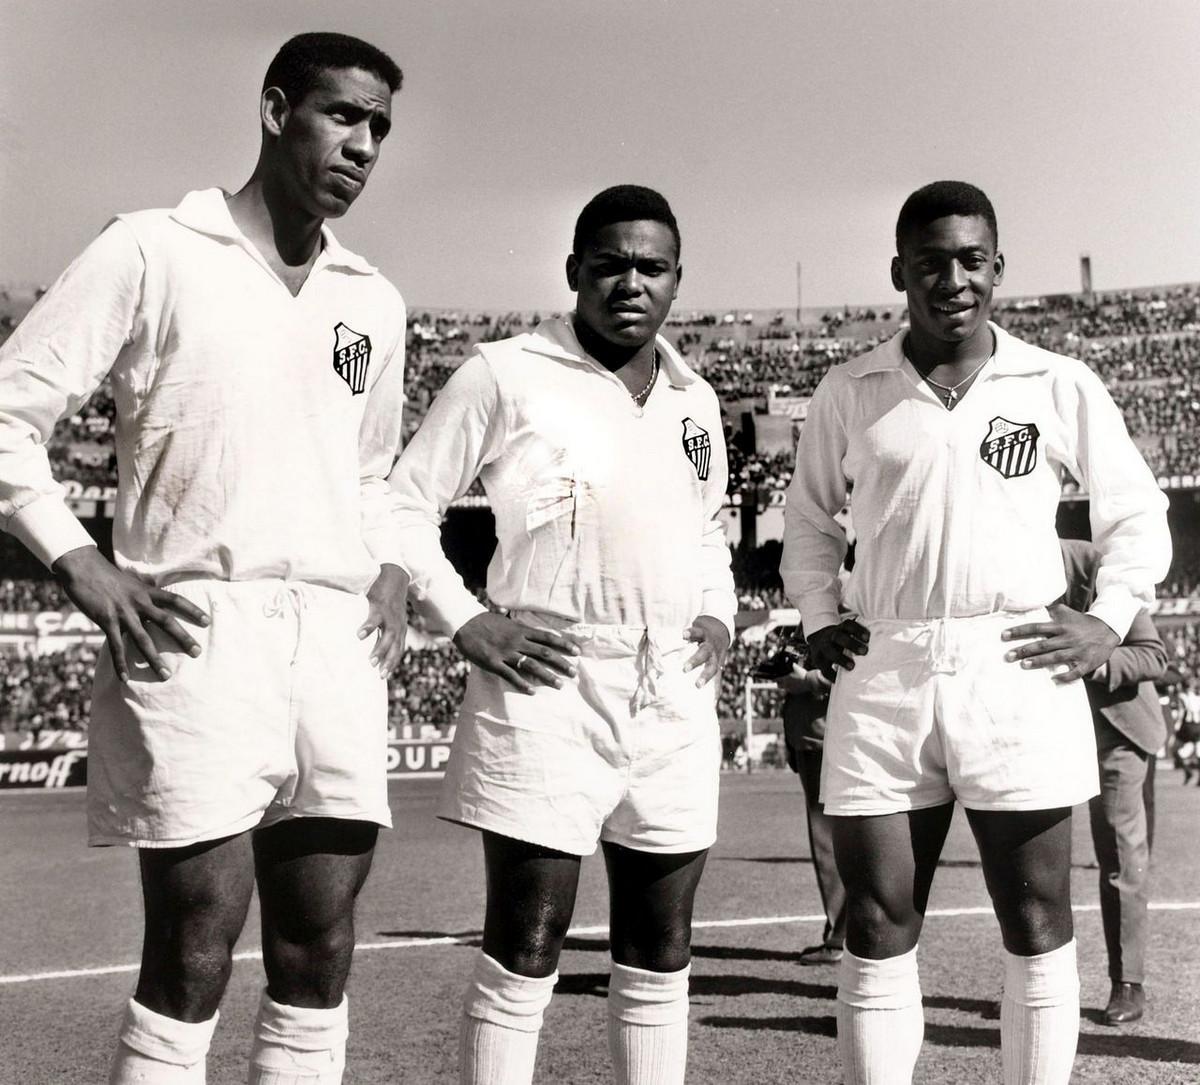 История Короля футбола: как Пеле стал звездой чемпионата мира 1